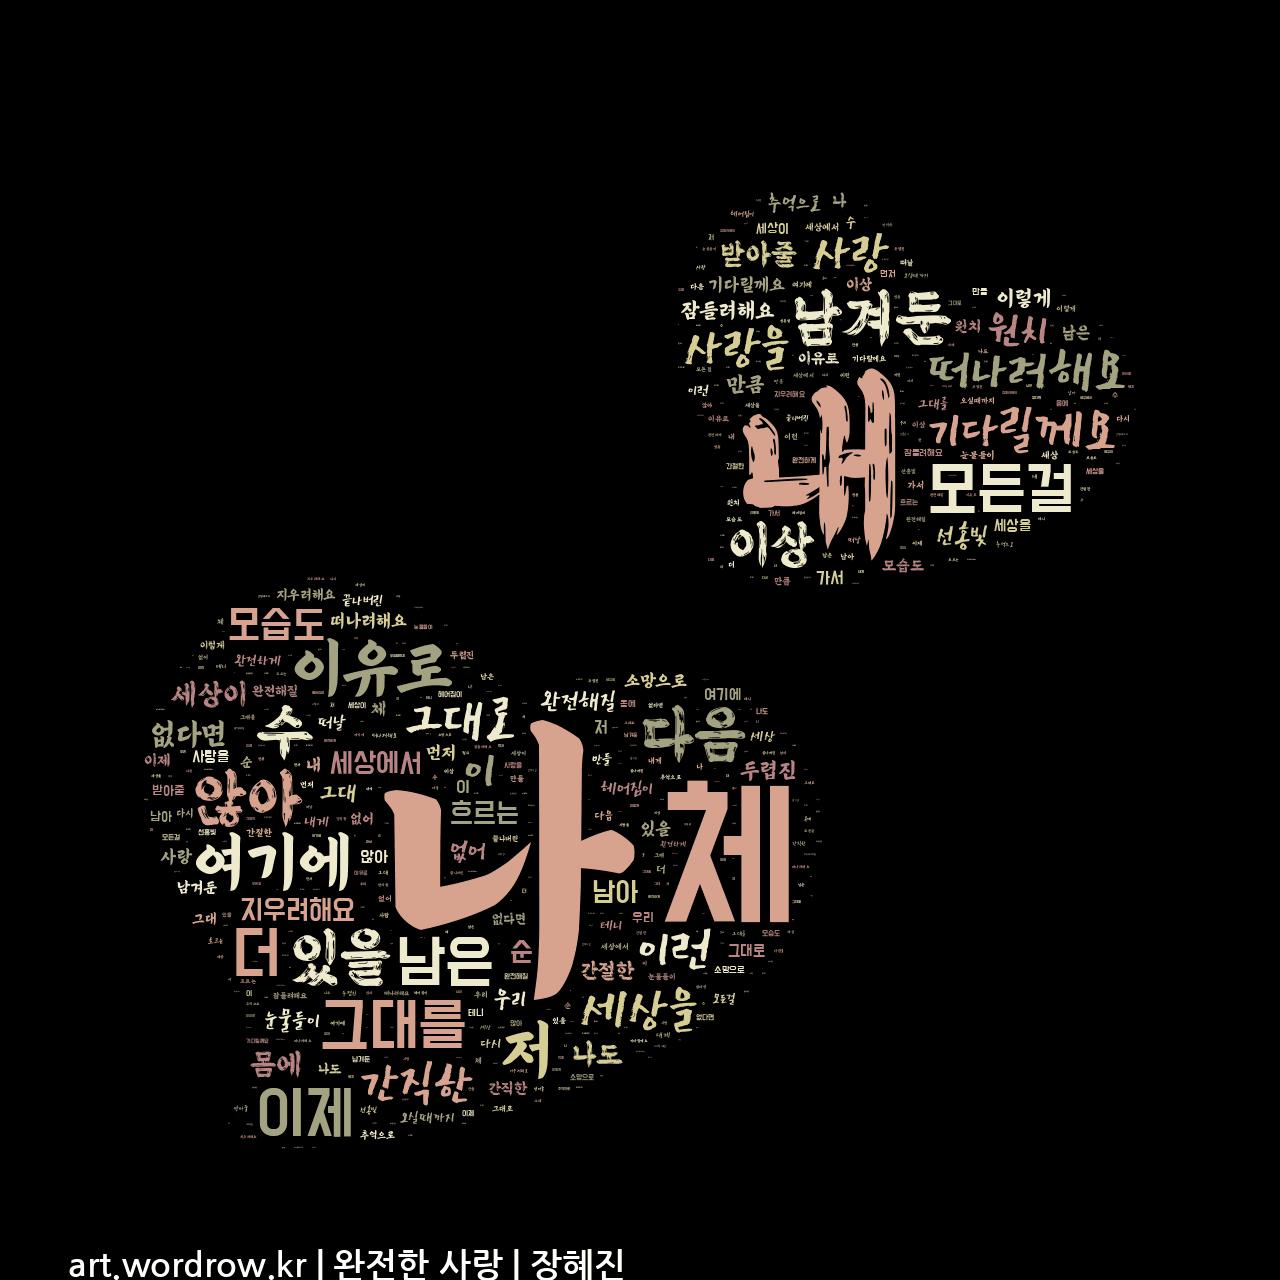 워드 아트: 완전한 사랑 [장혜진]-16